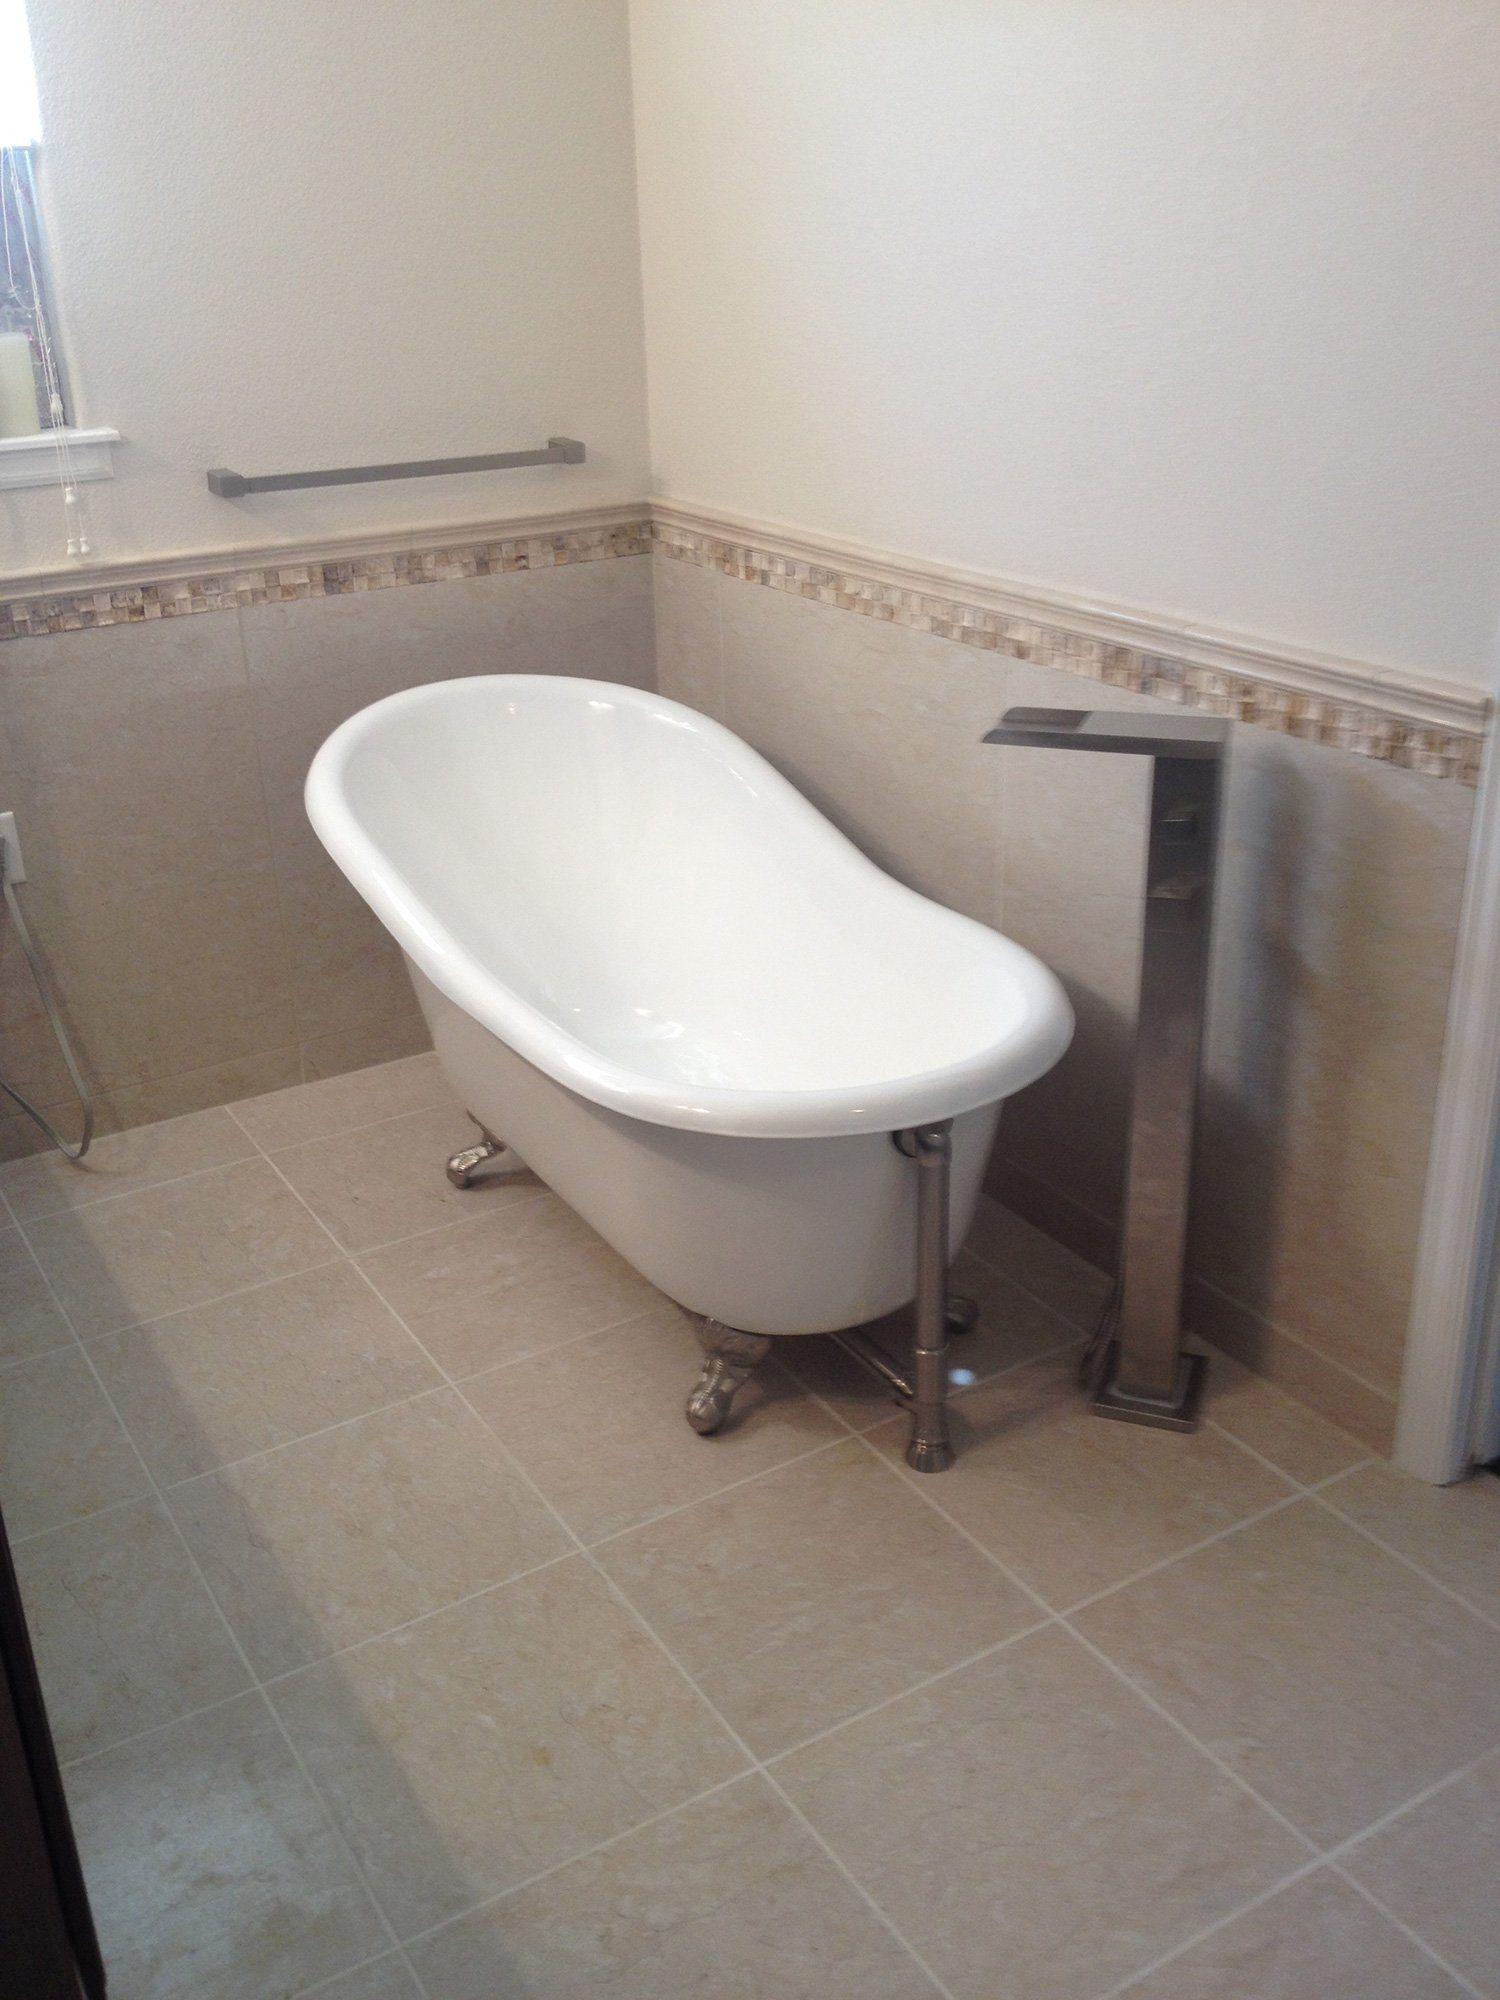 Bathroom Remodeling | Sinks | Vanities | Colorado Springs, CO